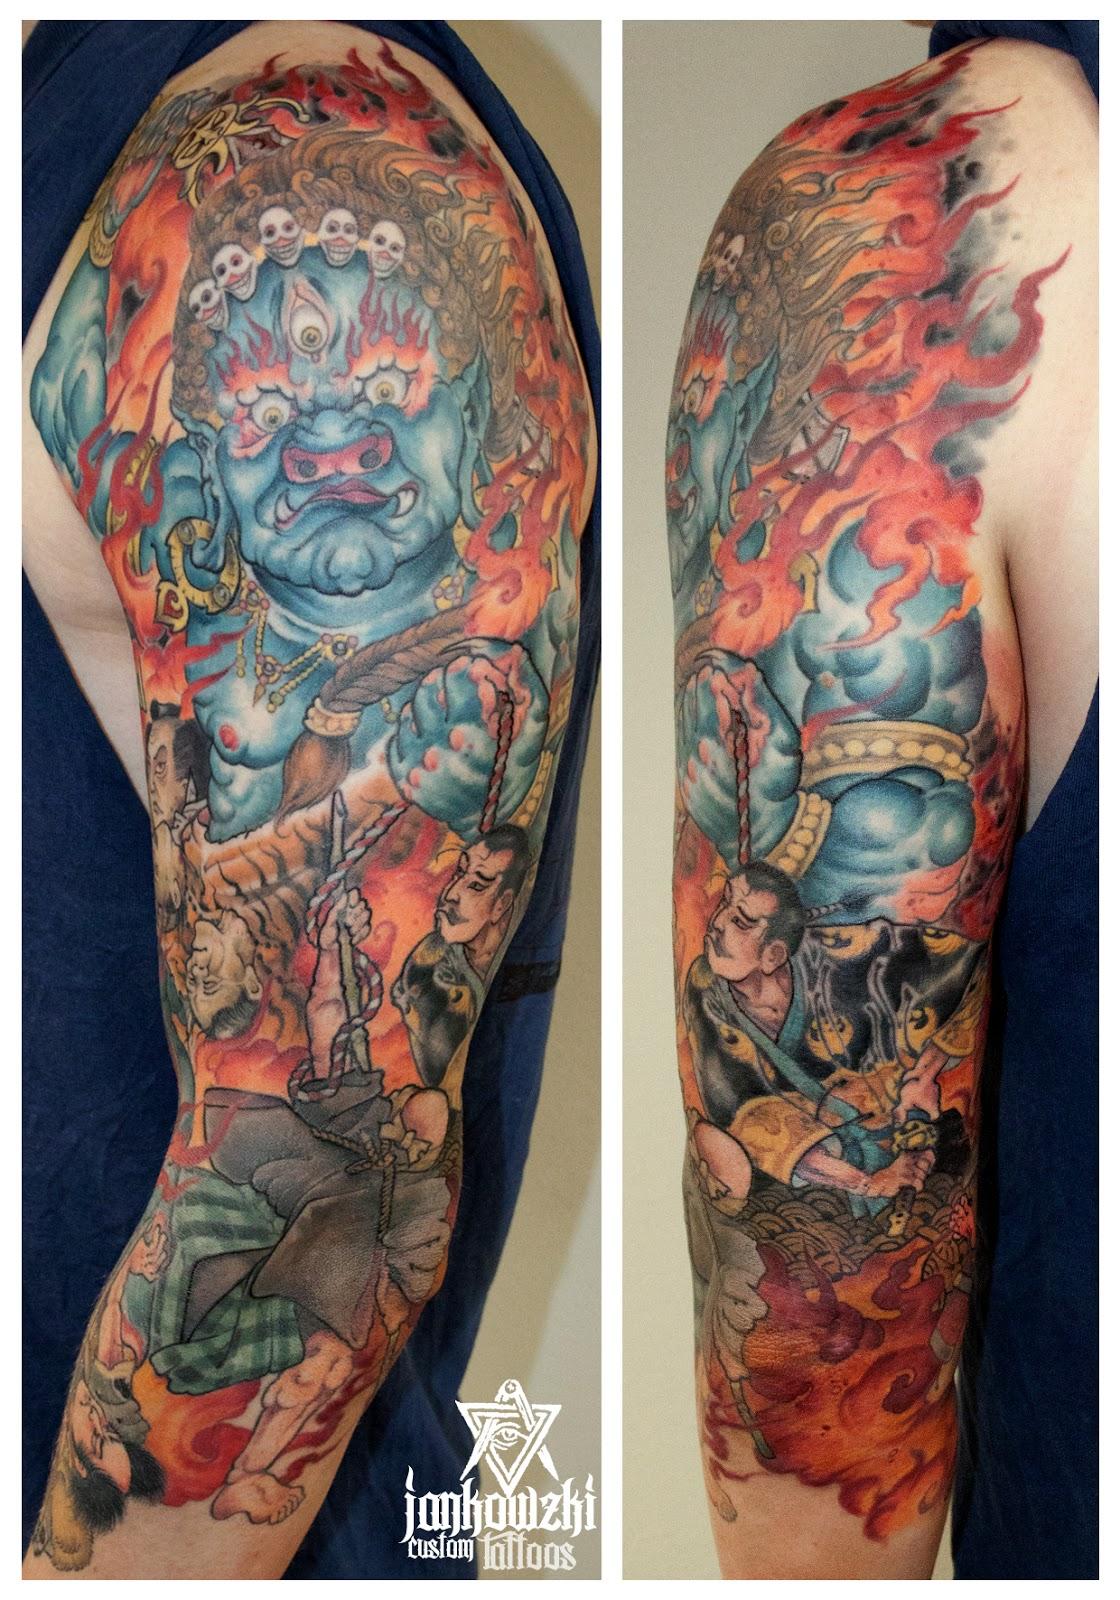 Jankowzki custom tattoos oriental tattoos for Oriental tattoo